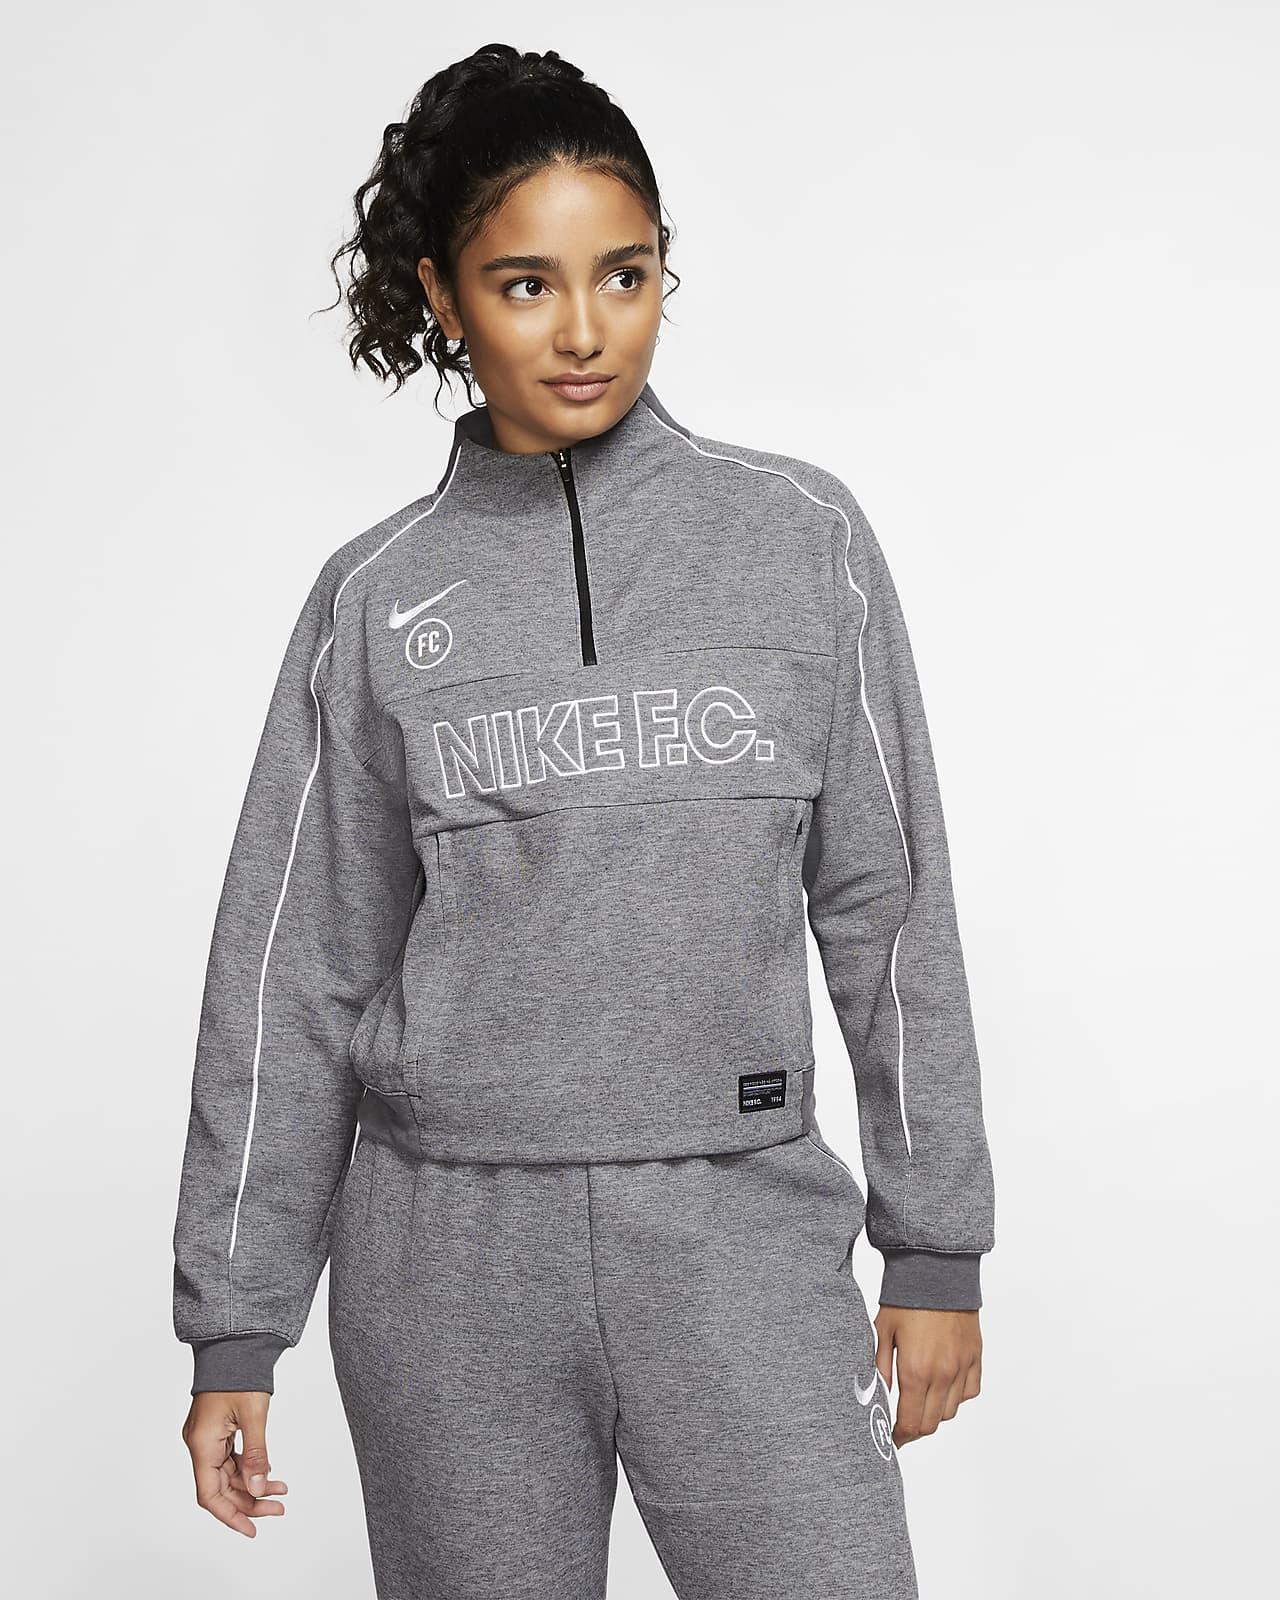 Veste de football Nike F.C. pour Femme